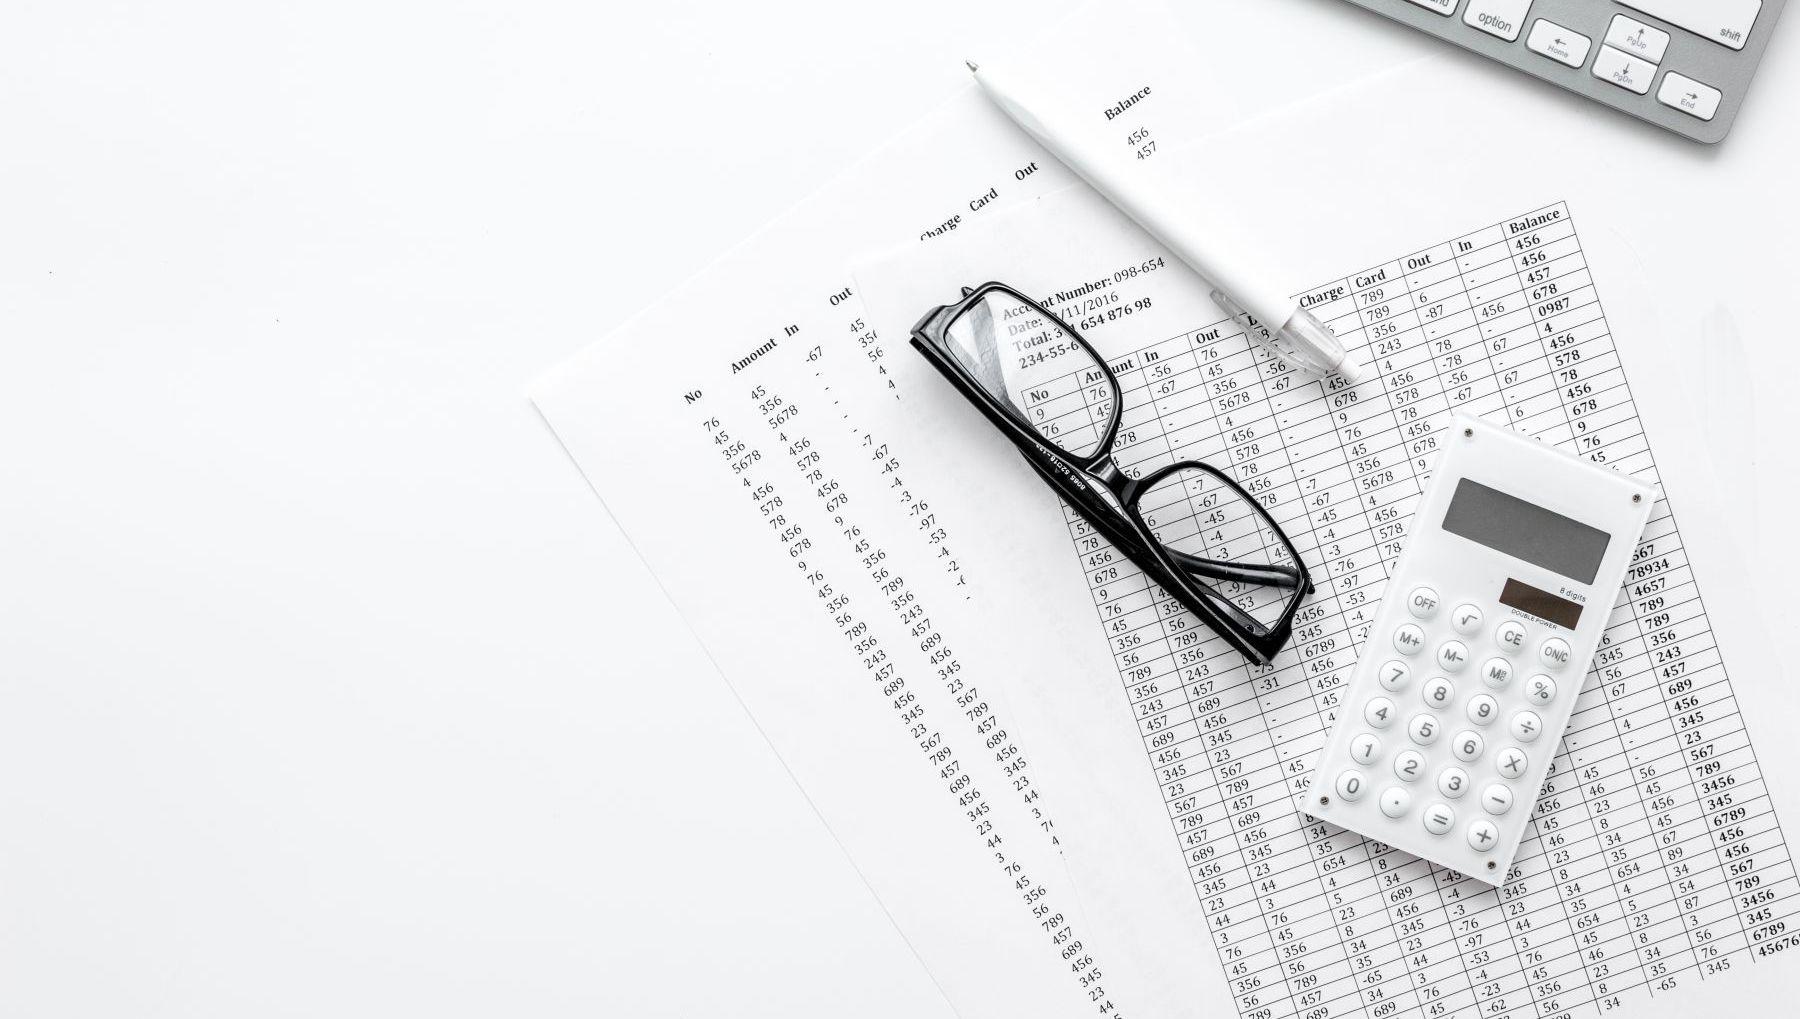 今年報稅留意 一張圖搞懂綜所稅申報6個新改變